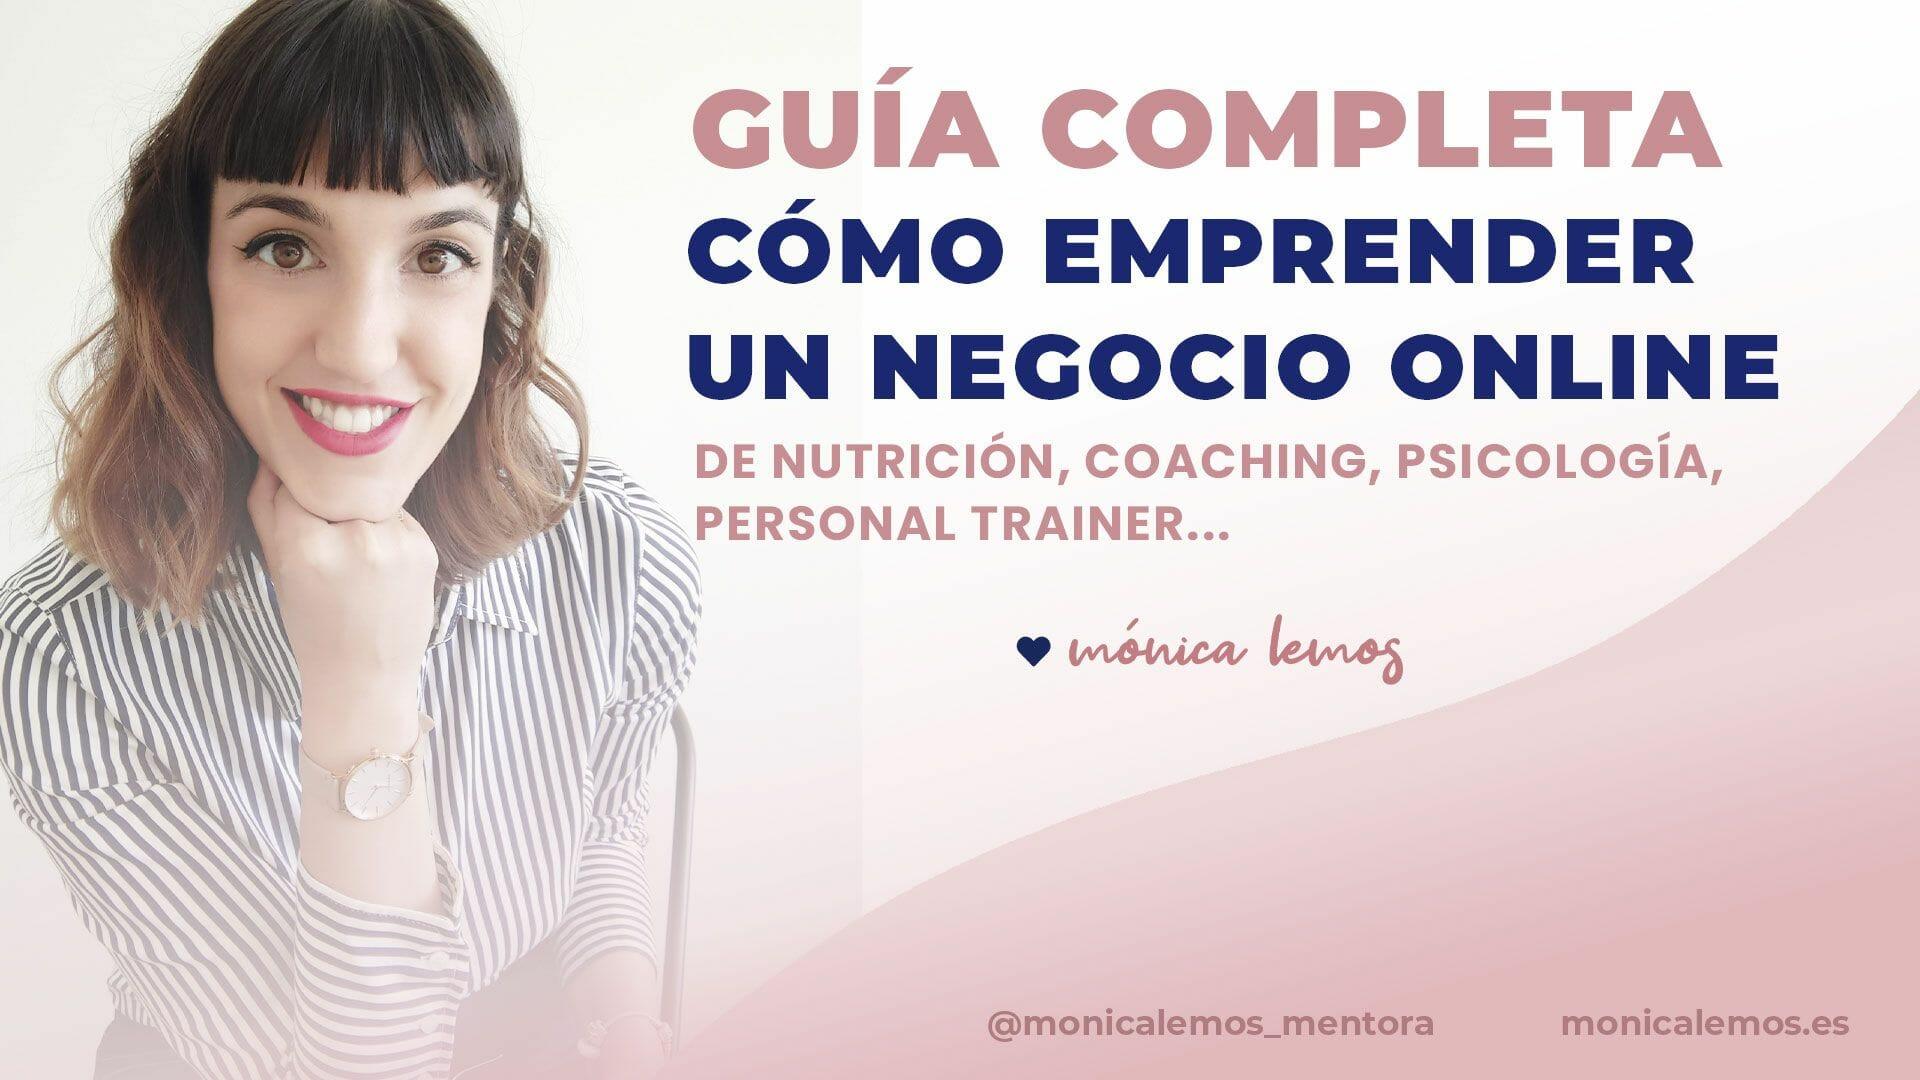 [Guía Completa] Emprender un Negocio Online como nutricionista, coach, psicóloga o experta en salud